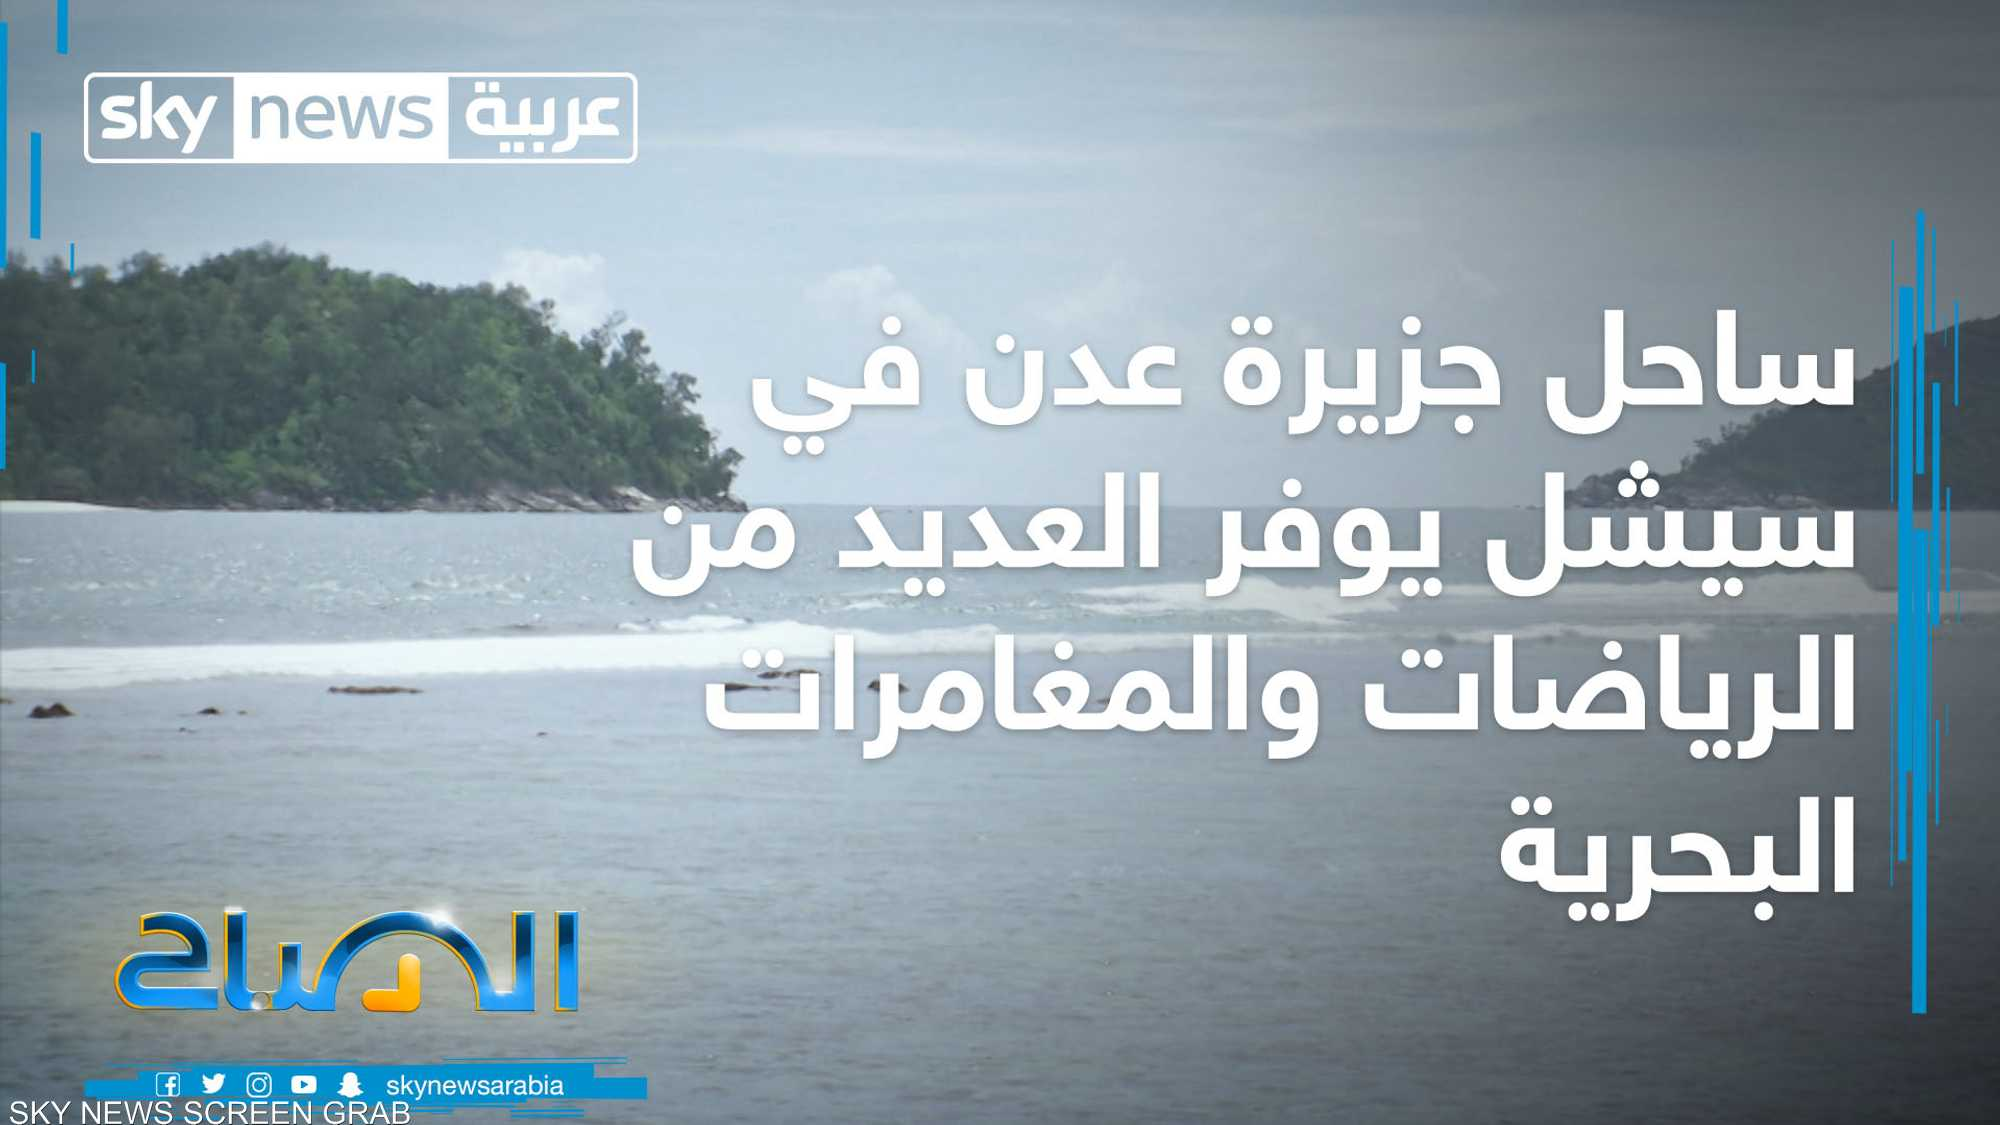 جزيرة عدن في السيشيل.. مقصد الترفيه والمغامرات